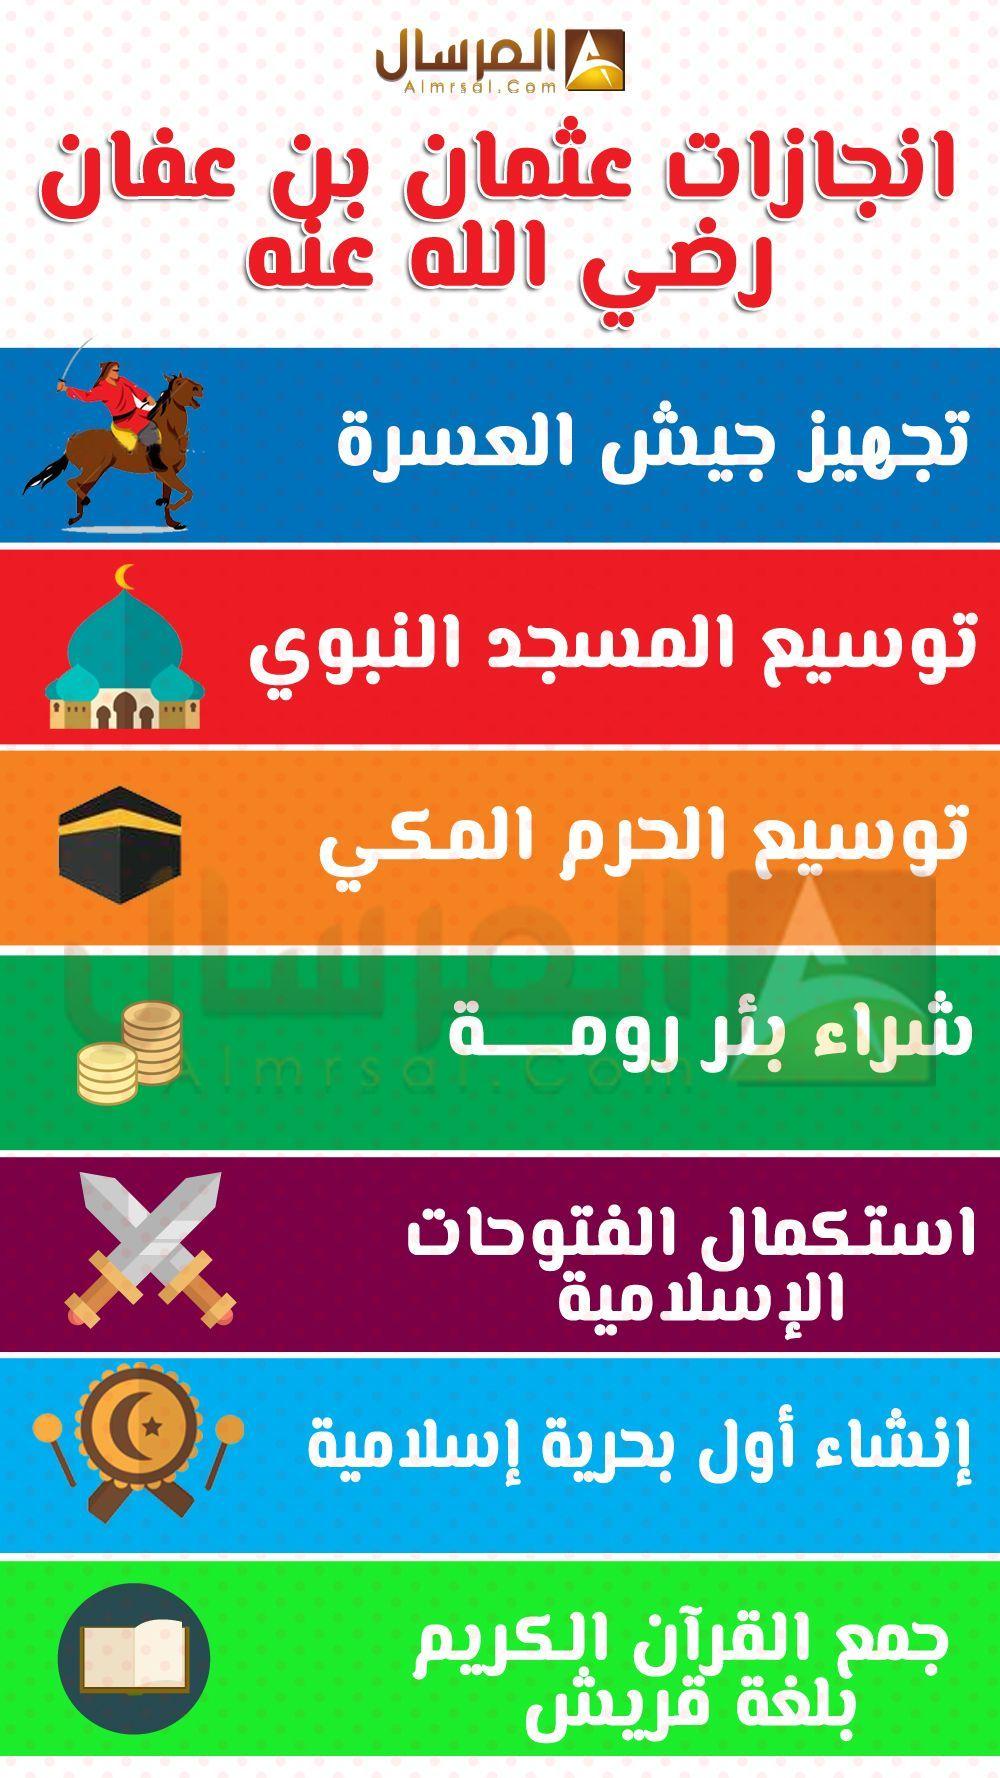 Pin On اقوال و حكم وأدعية ومواعظ من القرآن